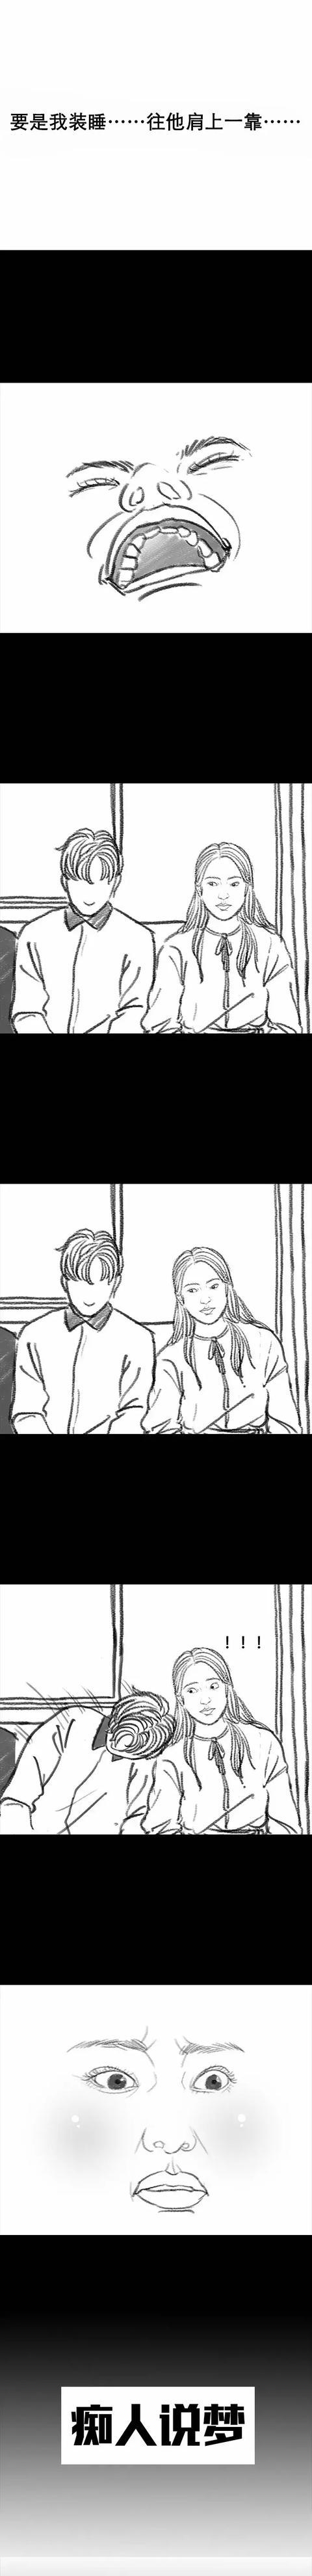 漫画:我在地铁上遇到了我未来的男朋友……